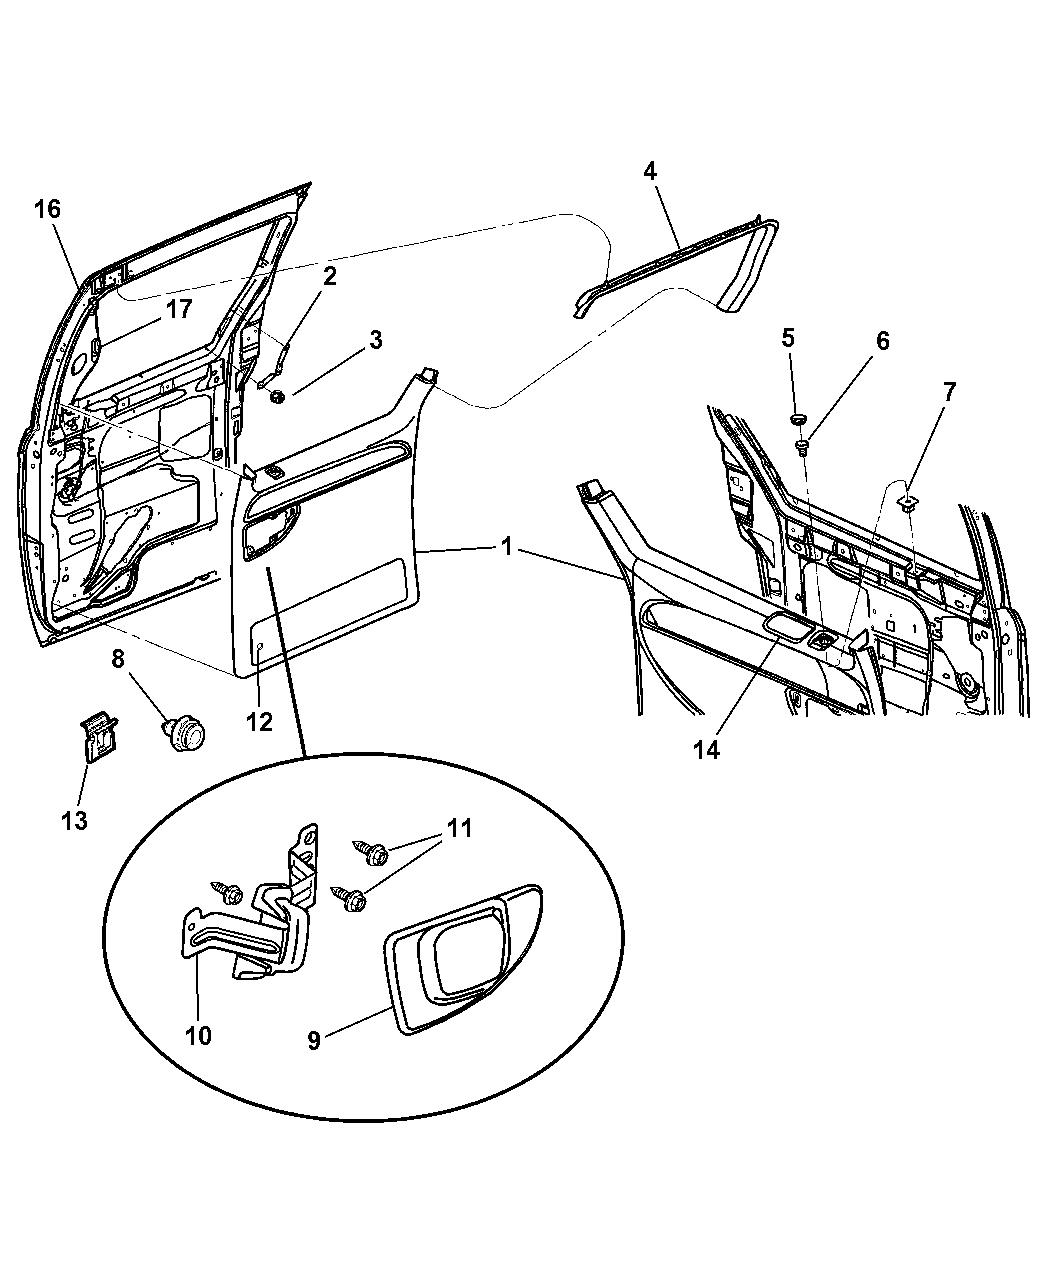 2005 dodge caravan door panel - rear sliding